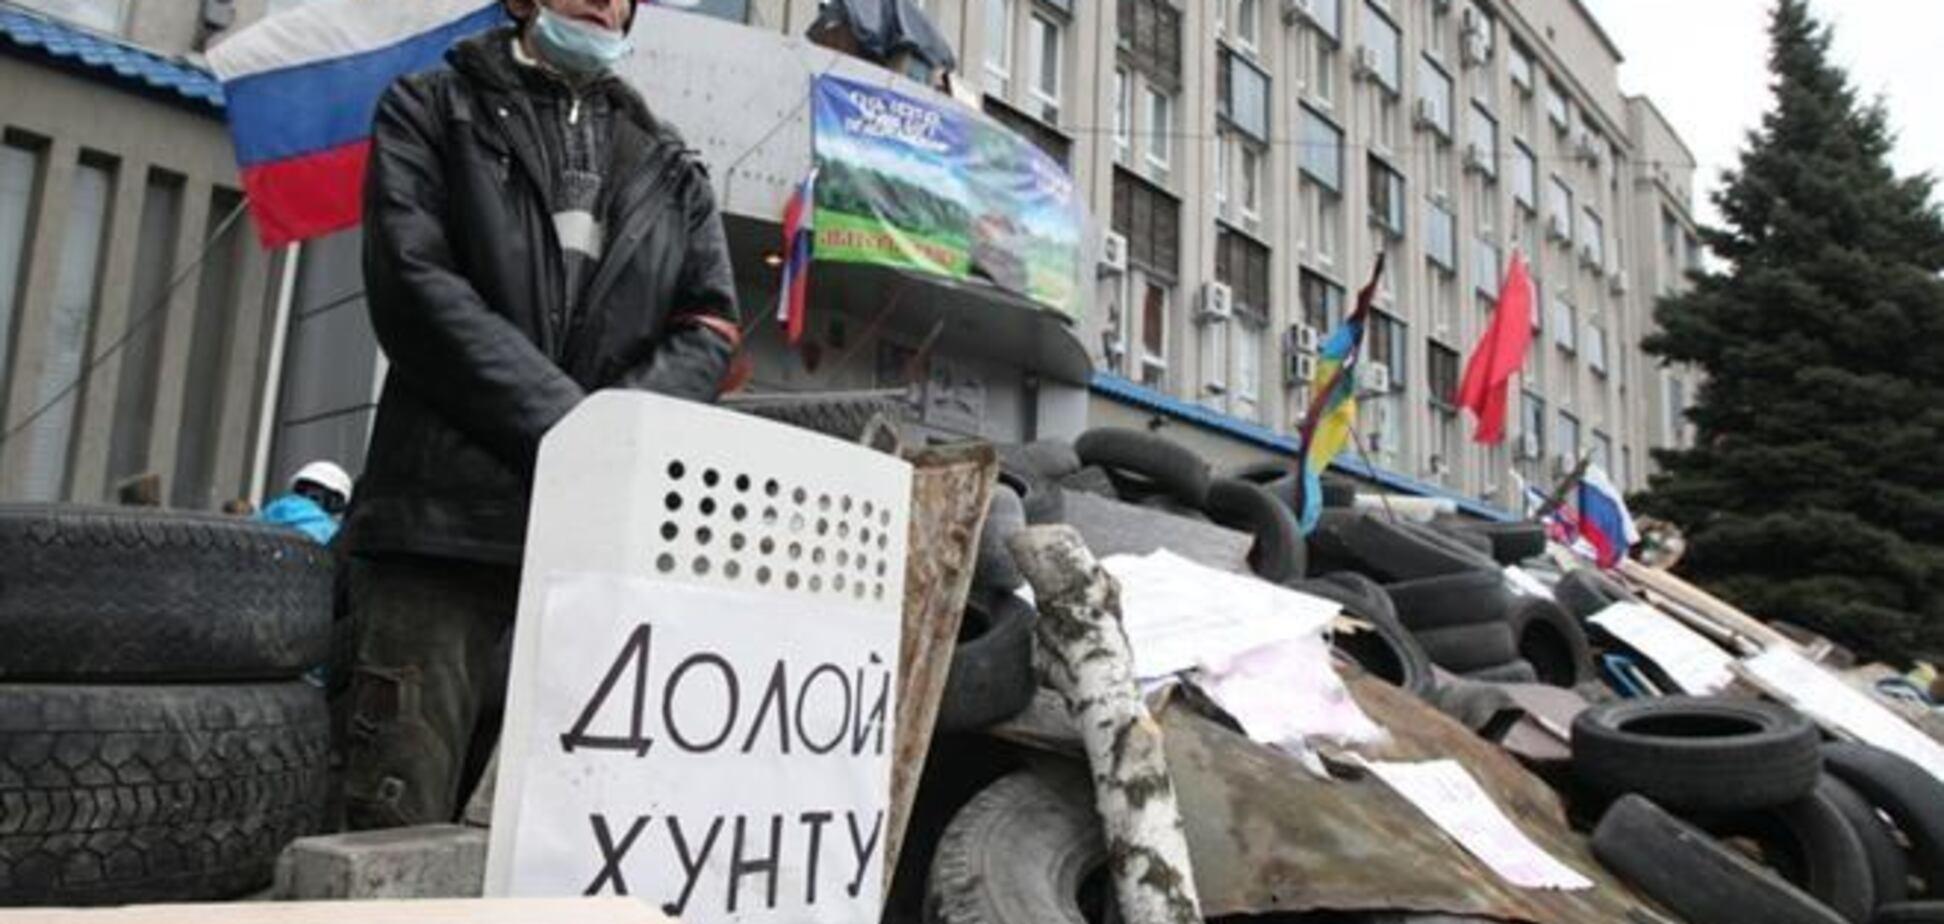 В Донецке патриоты начали войну с сепаратистами - местные СМИ